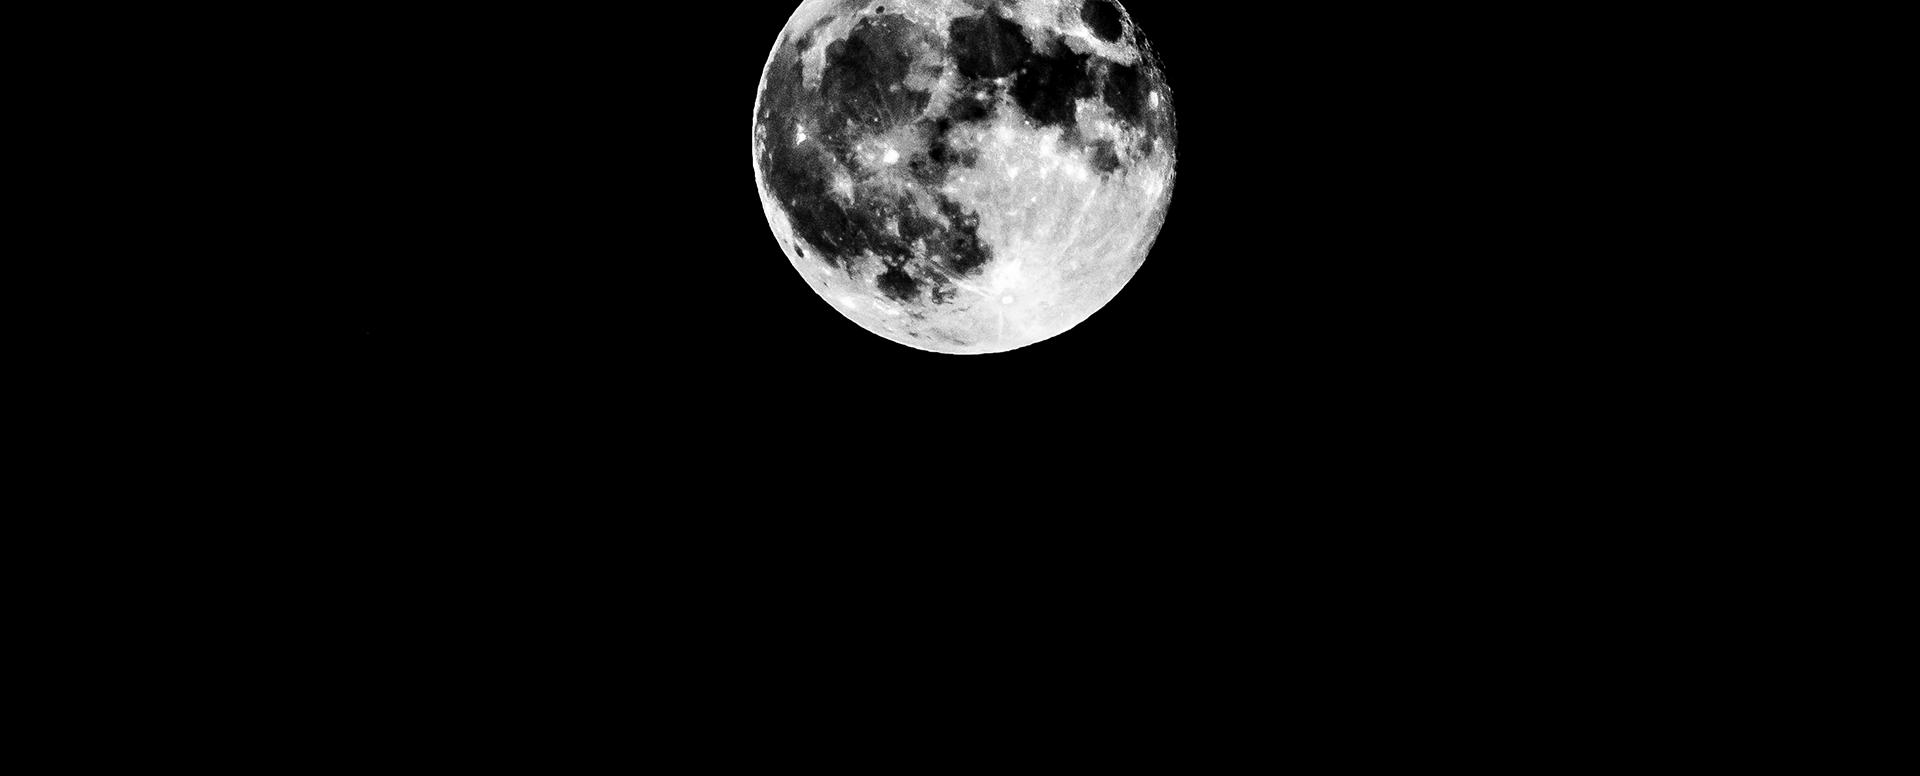 月 写真 クレーター イラスト